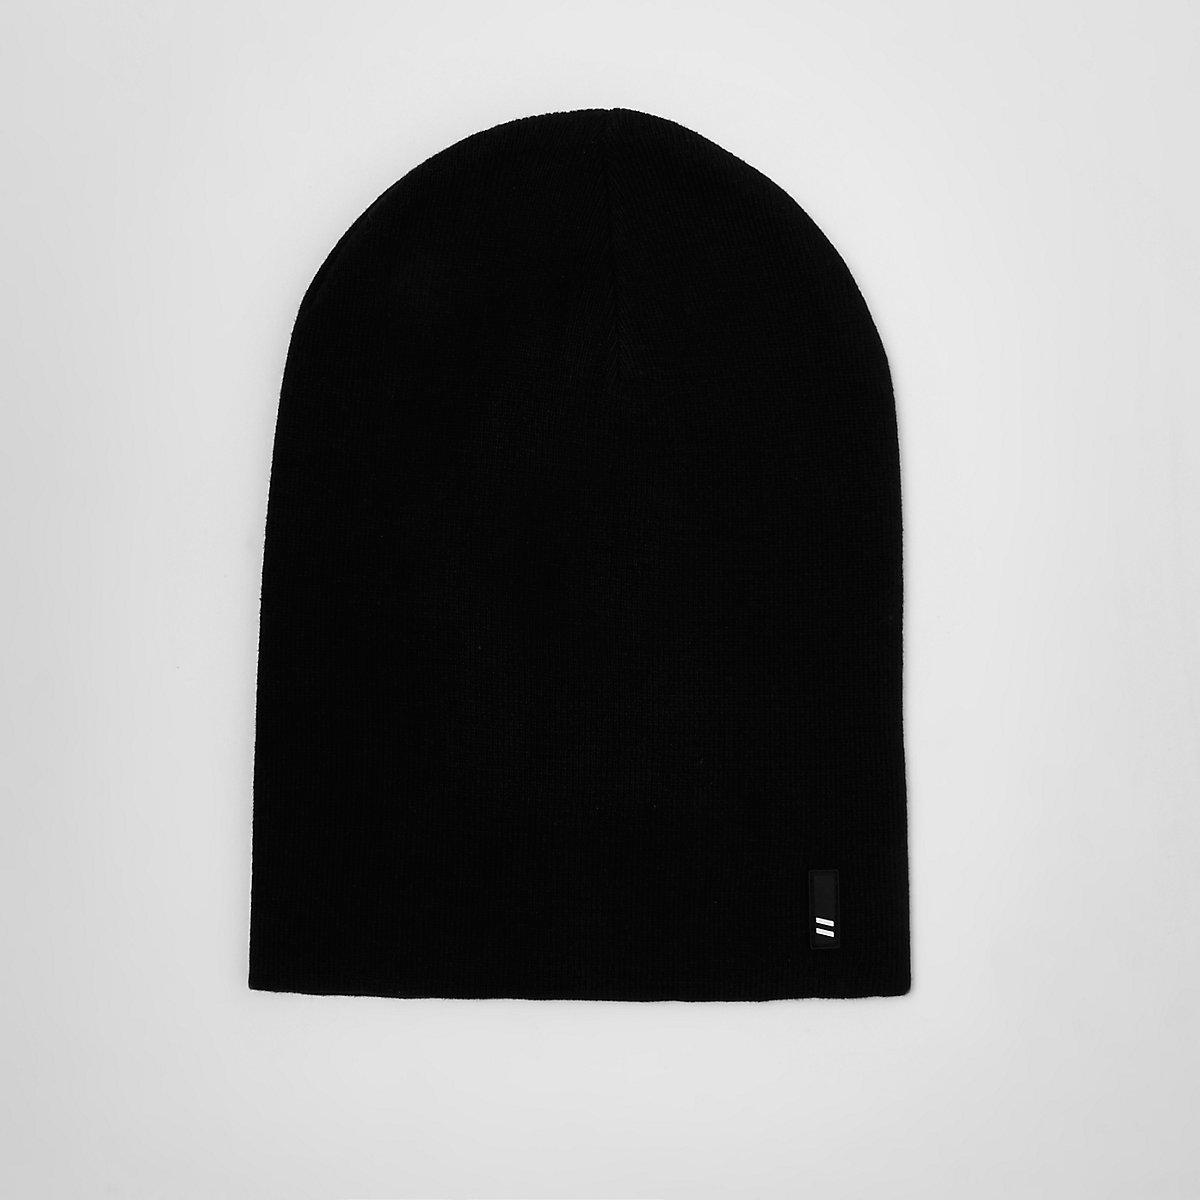 Bonnet large noir